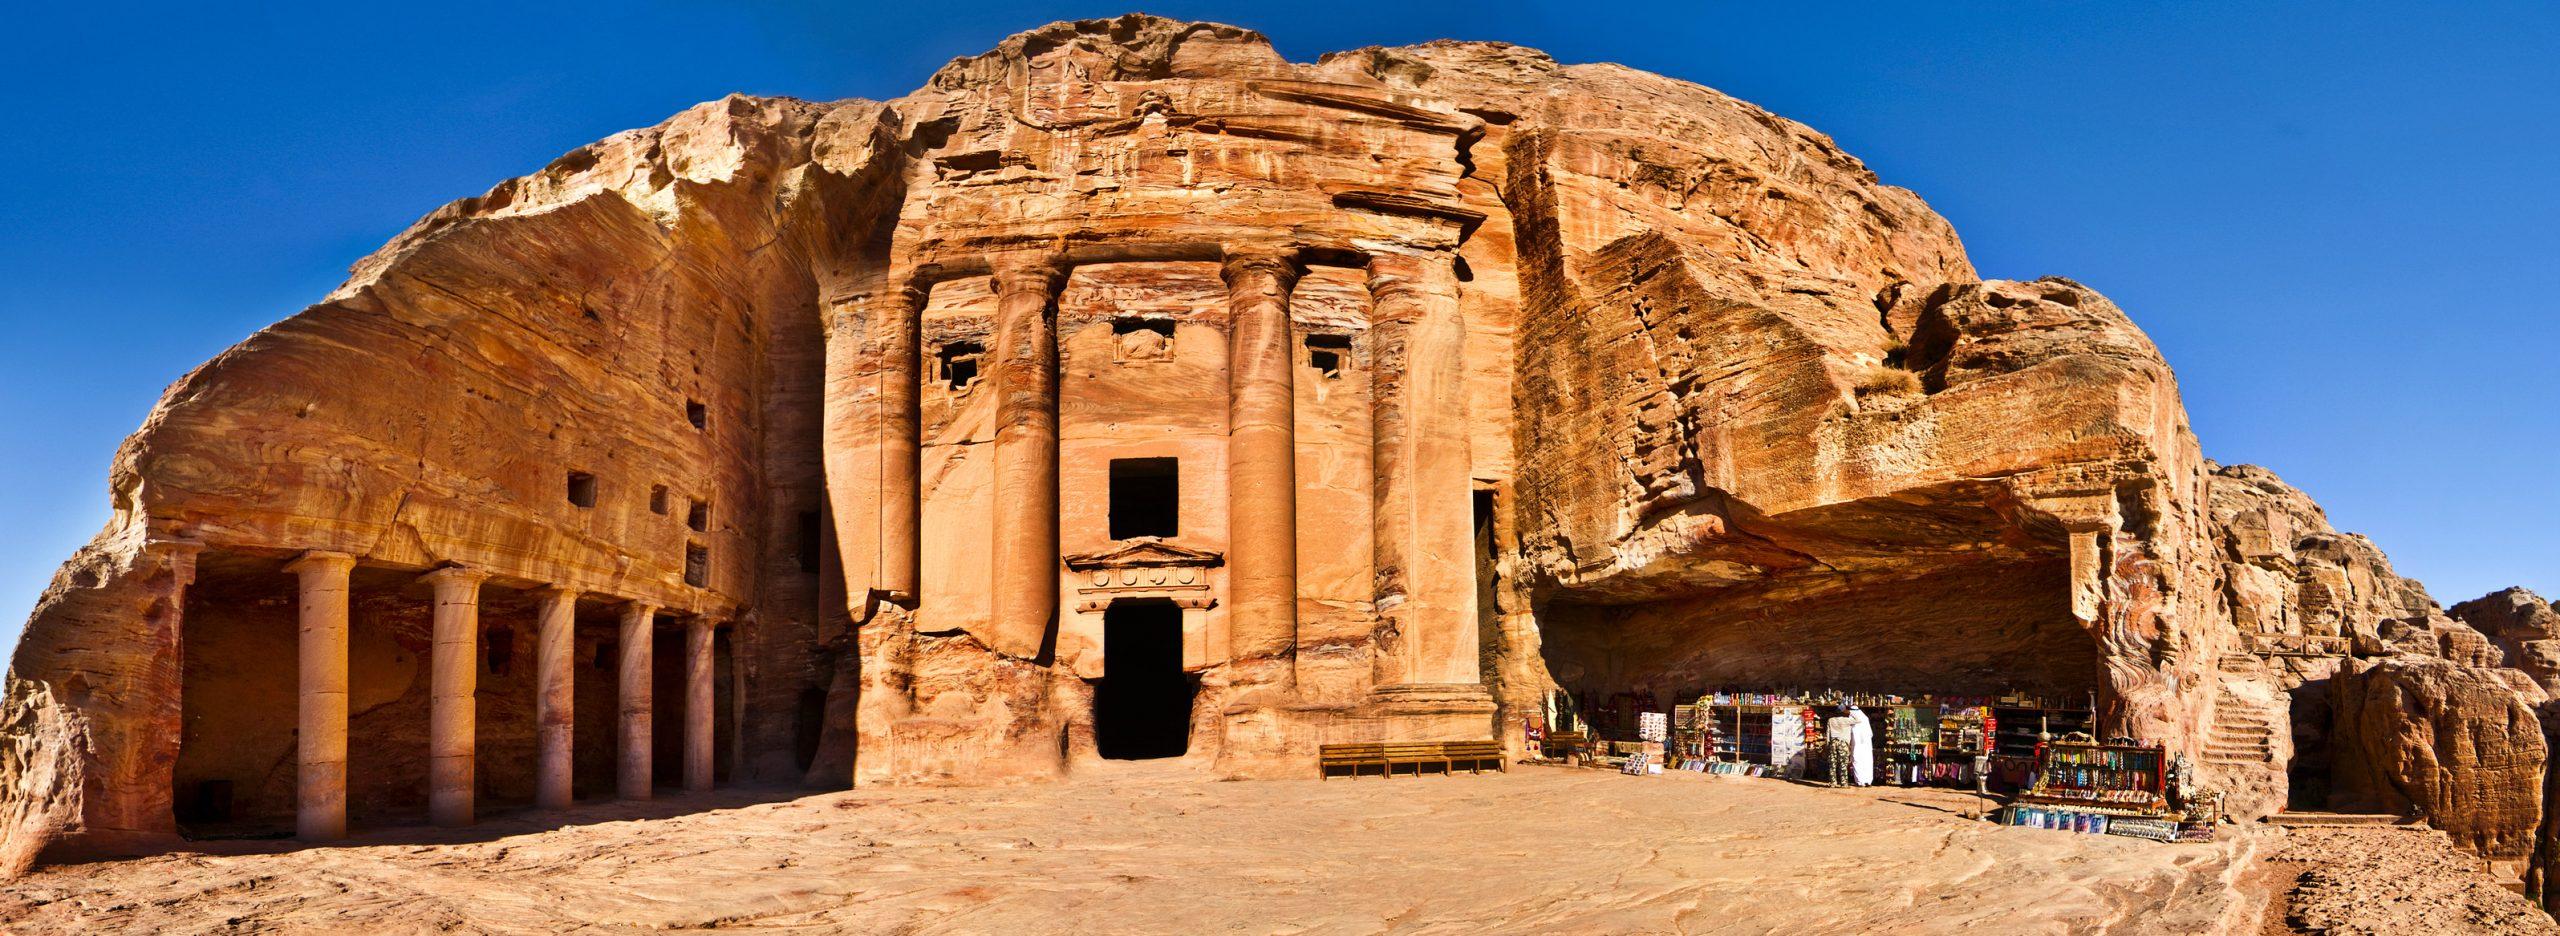 الوجهات السياحية المناسبة في الأردن لإجازة الصيف